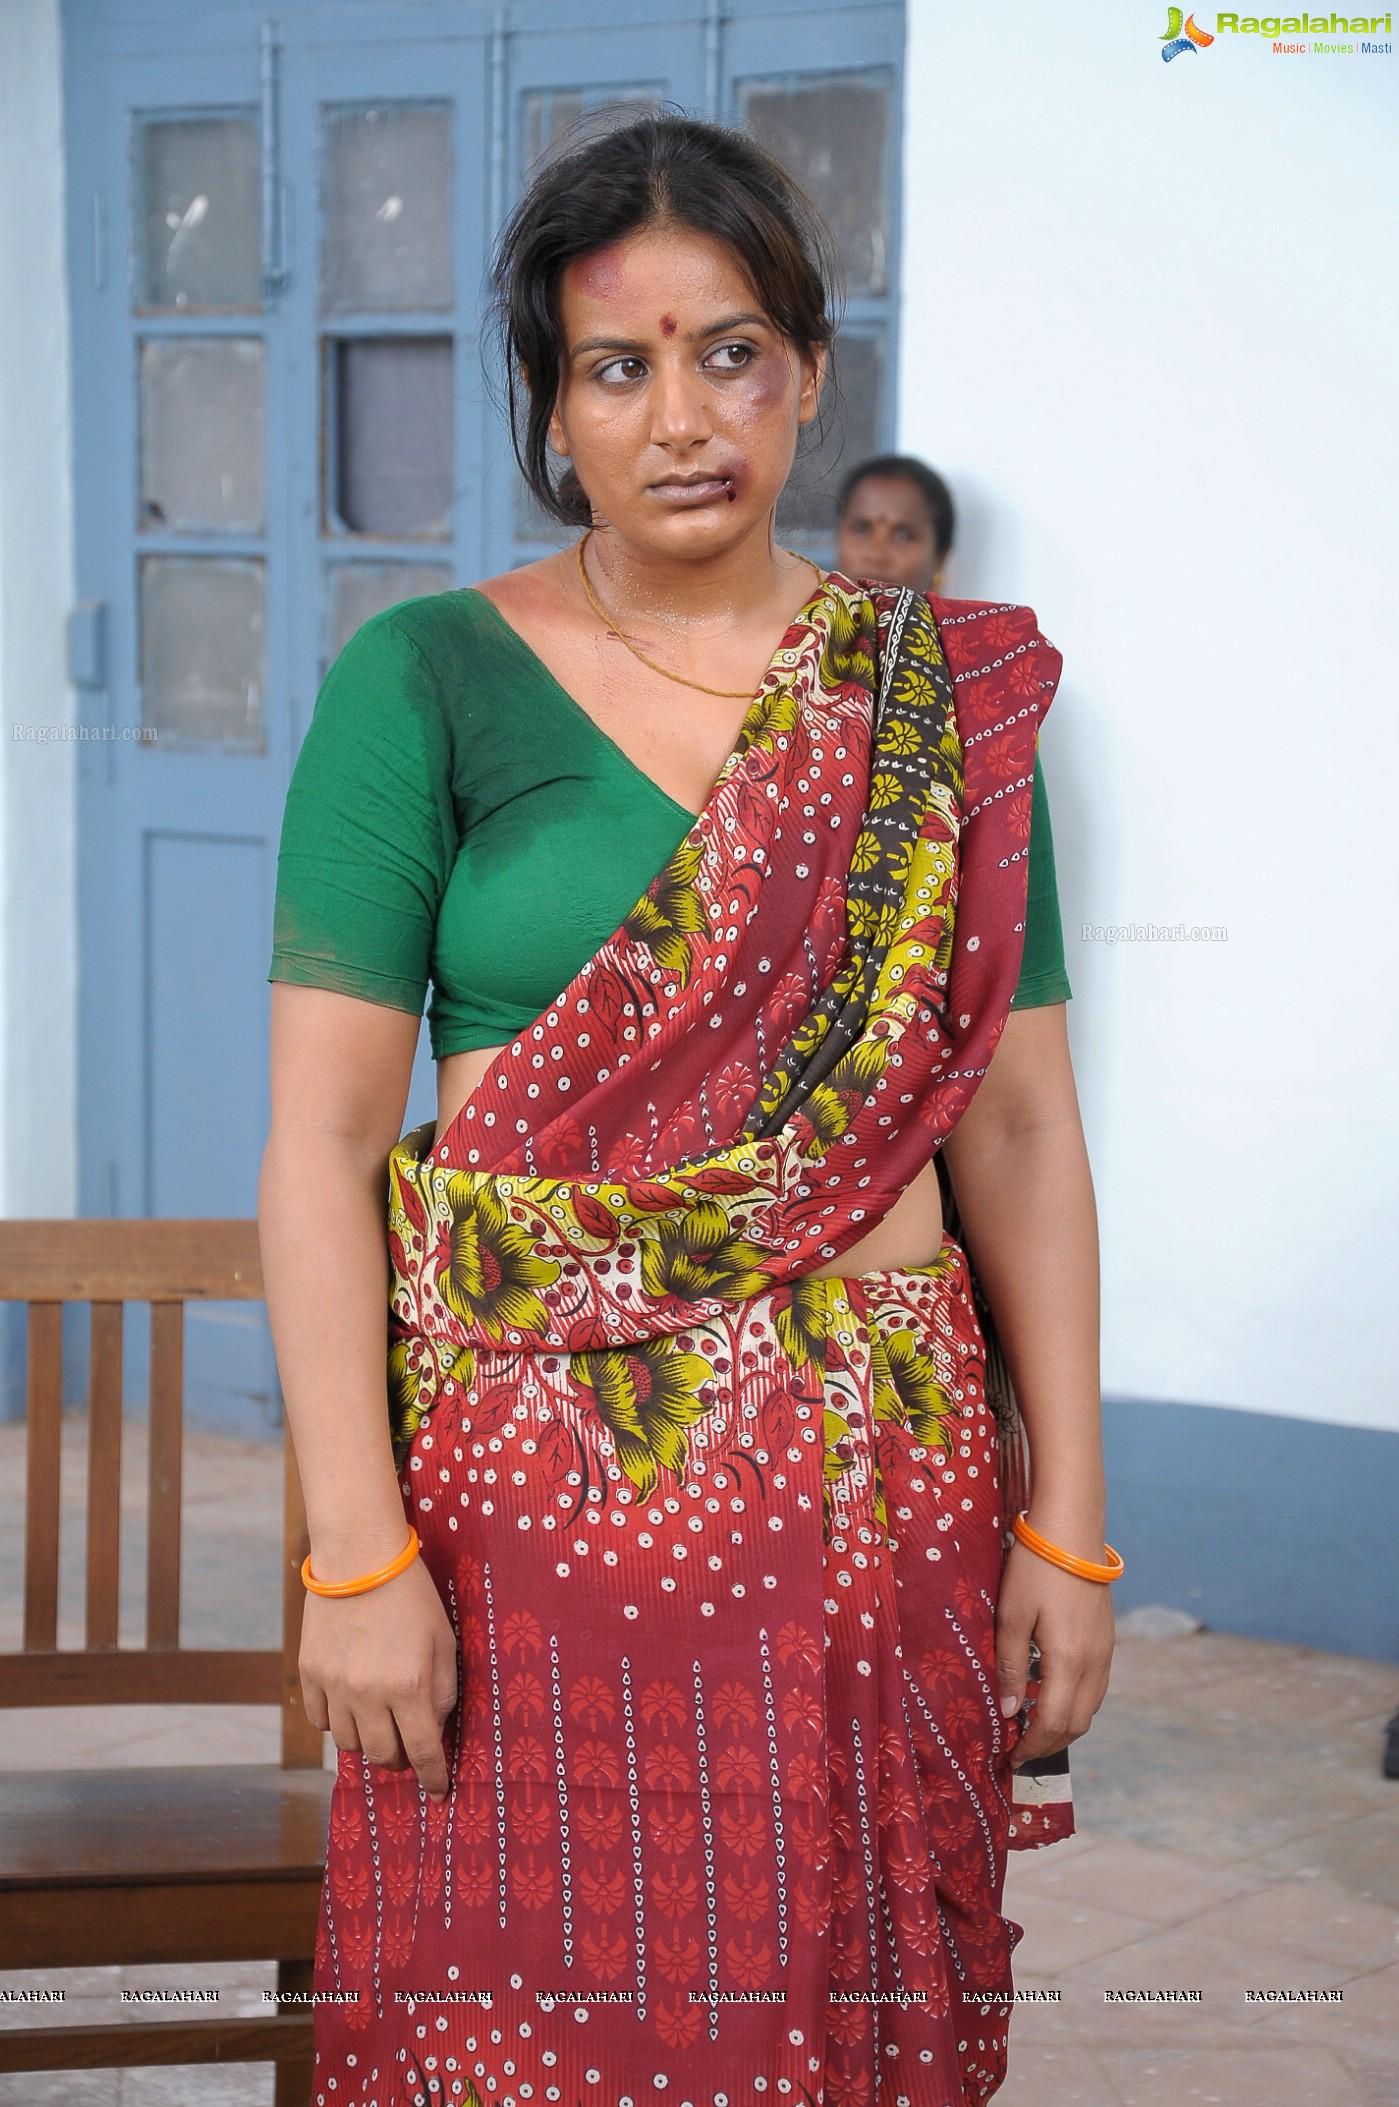 Pooja Gandhi Pooja Gandhi new pictures